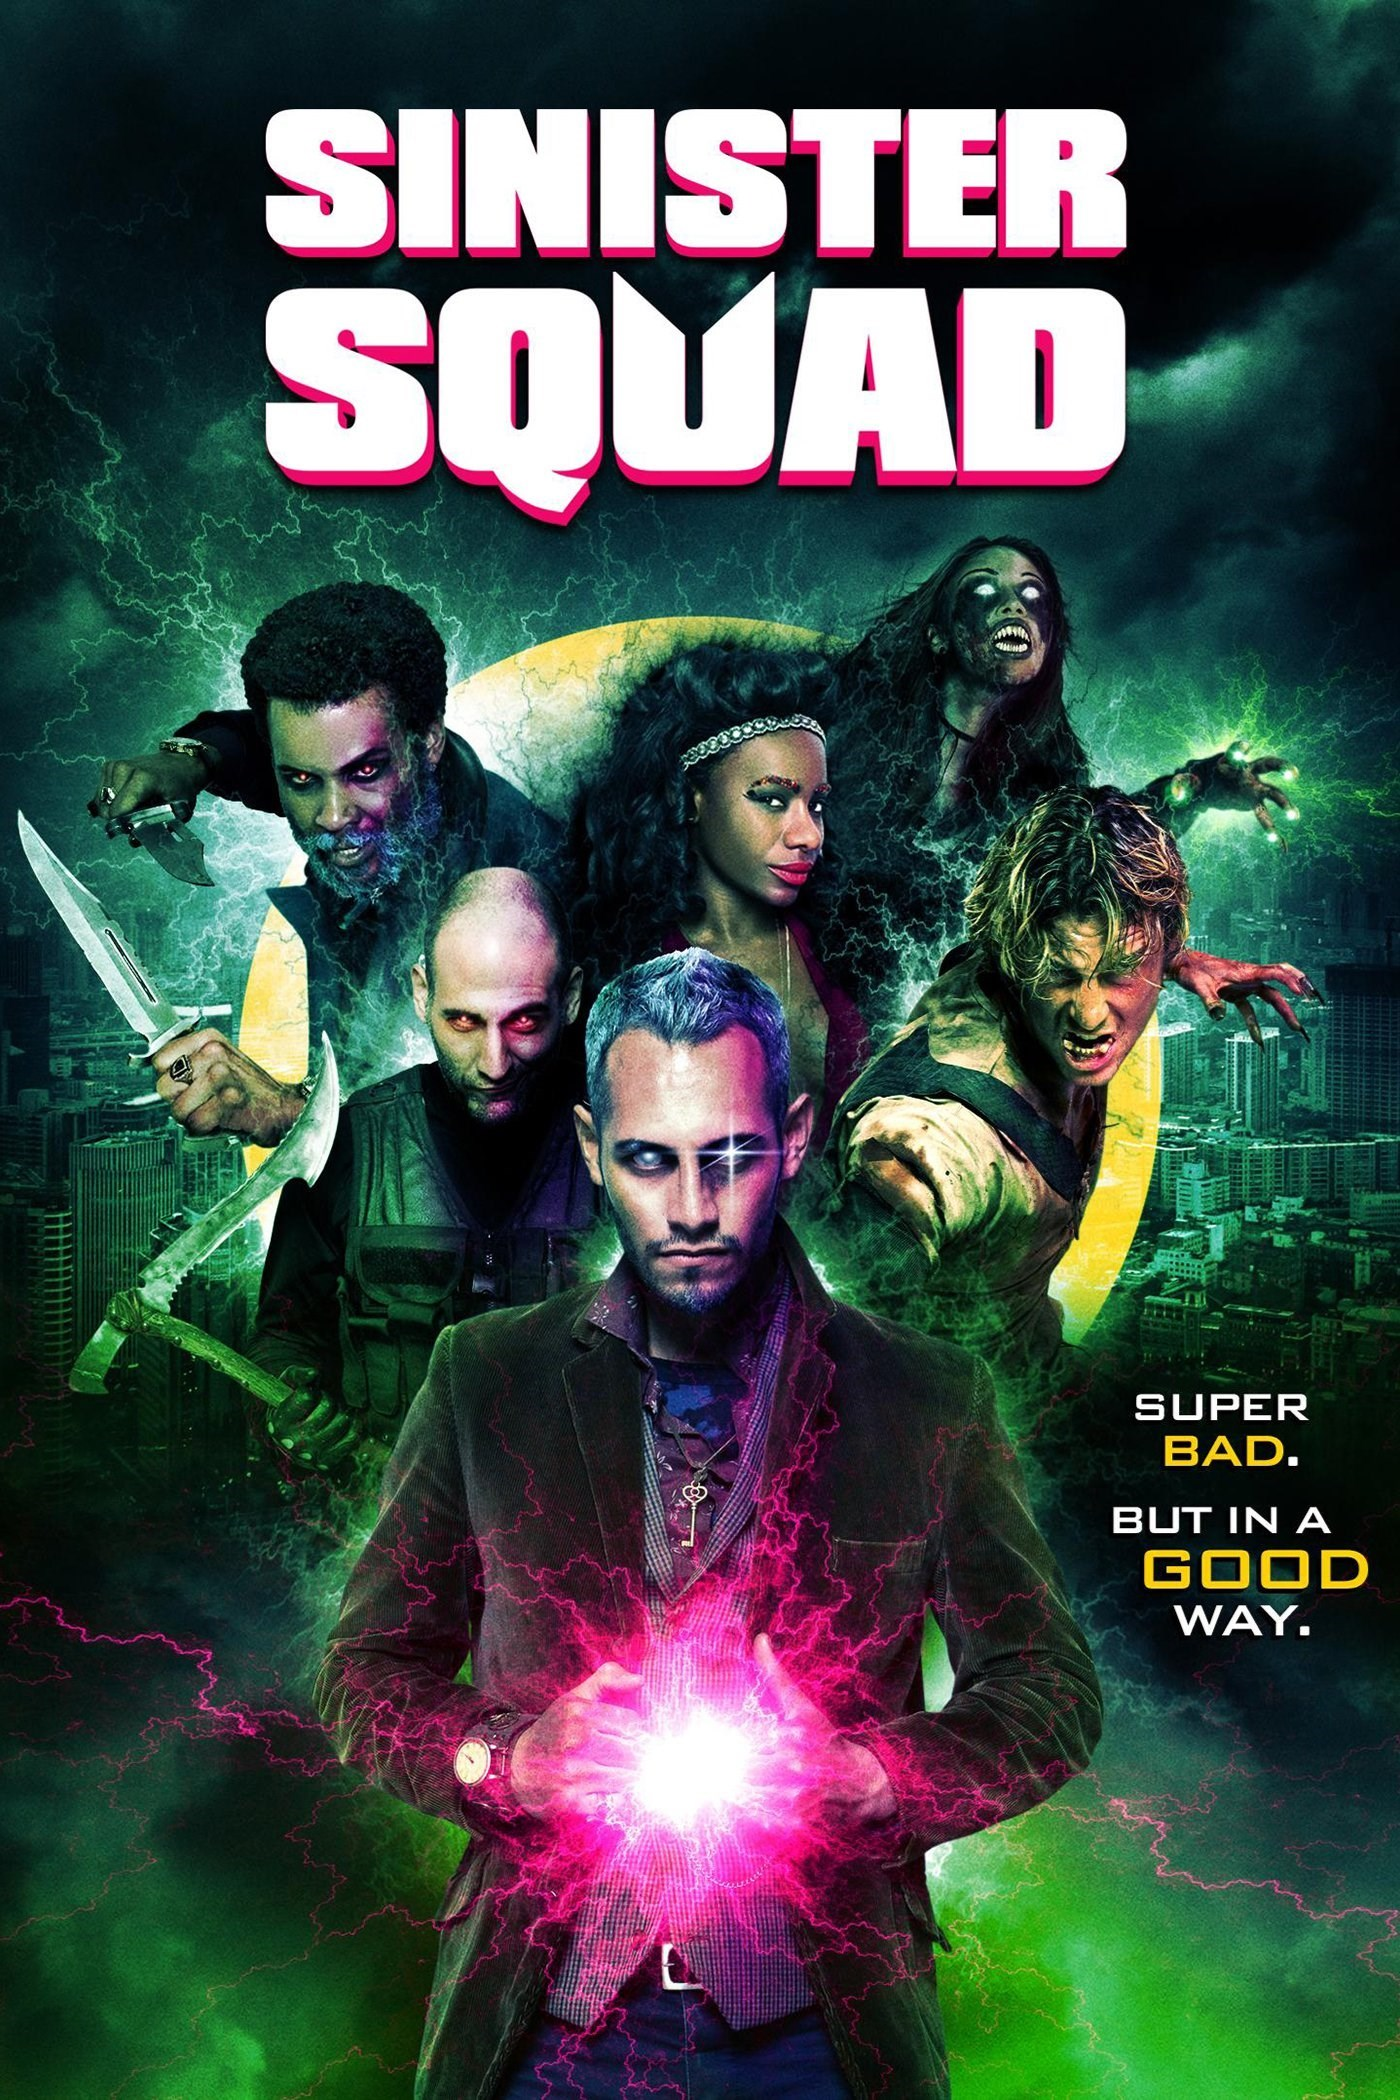 دانلود فیلم sinister squad